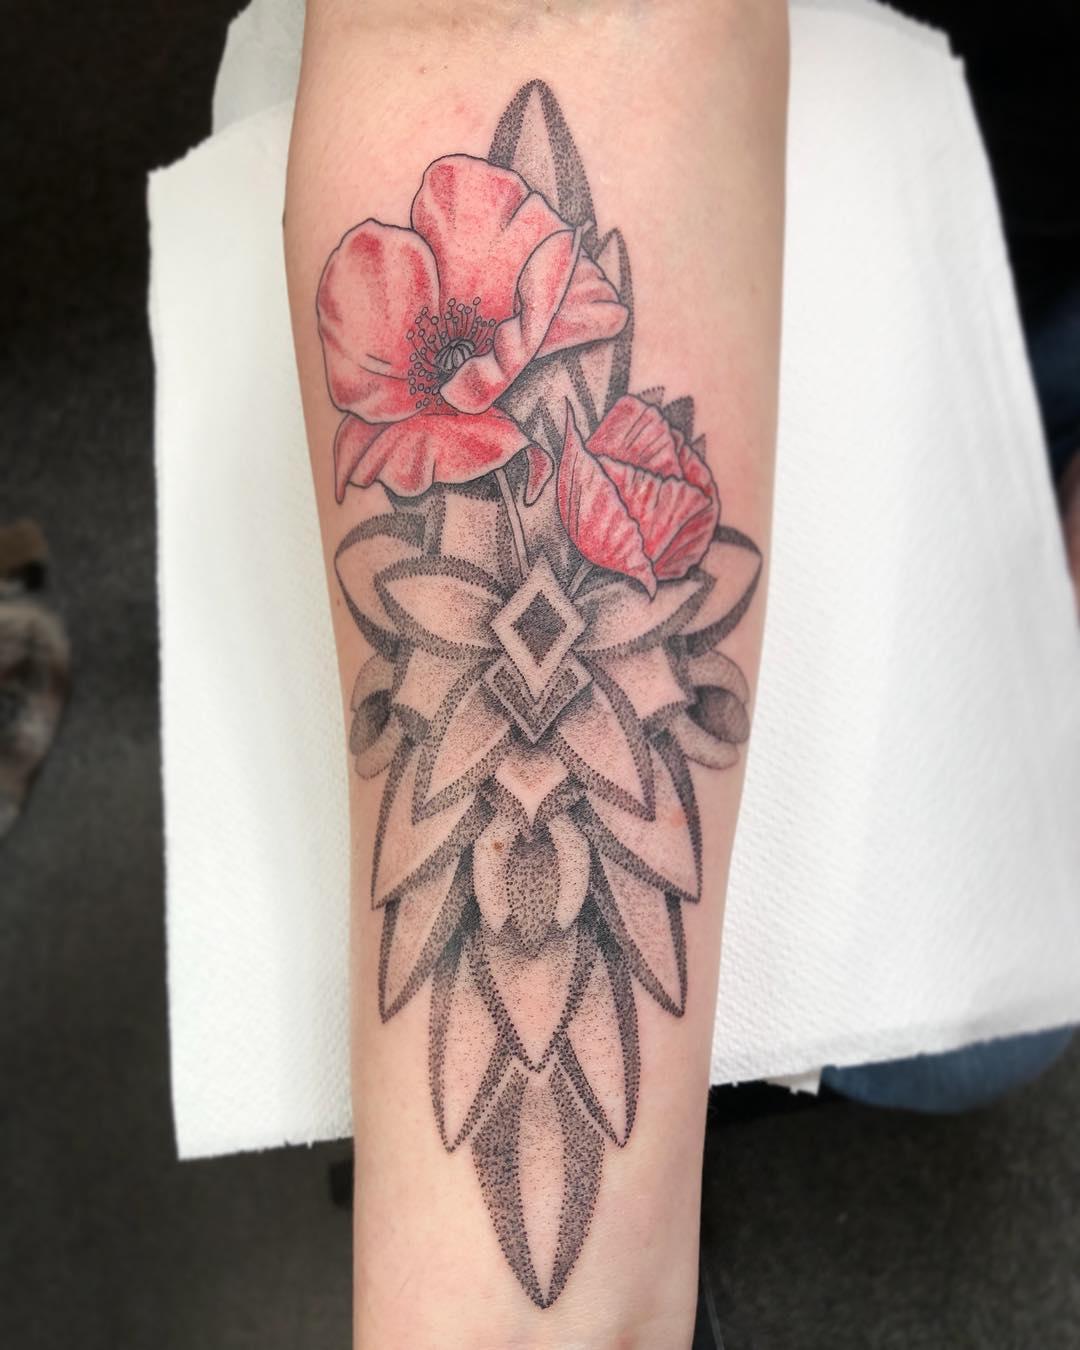 小臂点刺风梵花罂粟花纹身图案